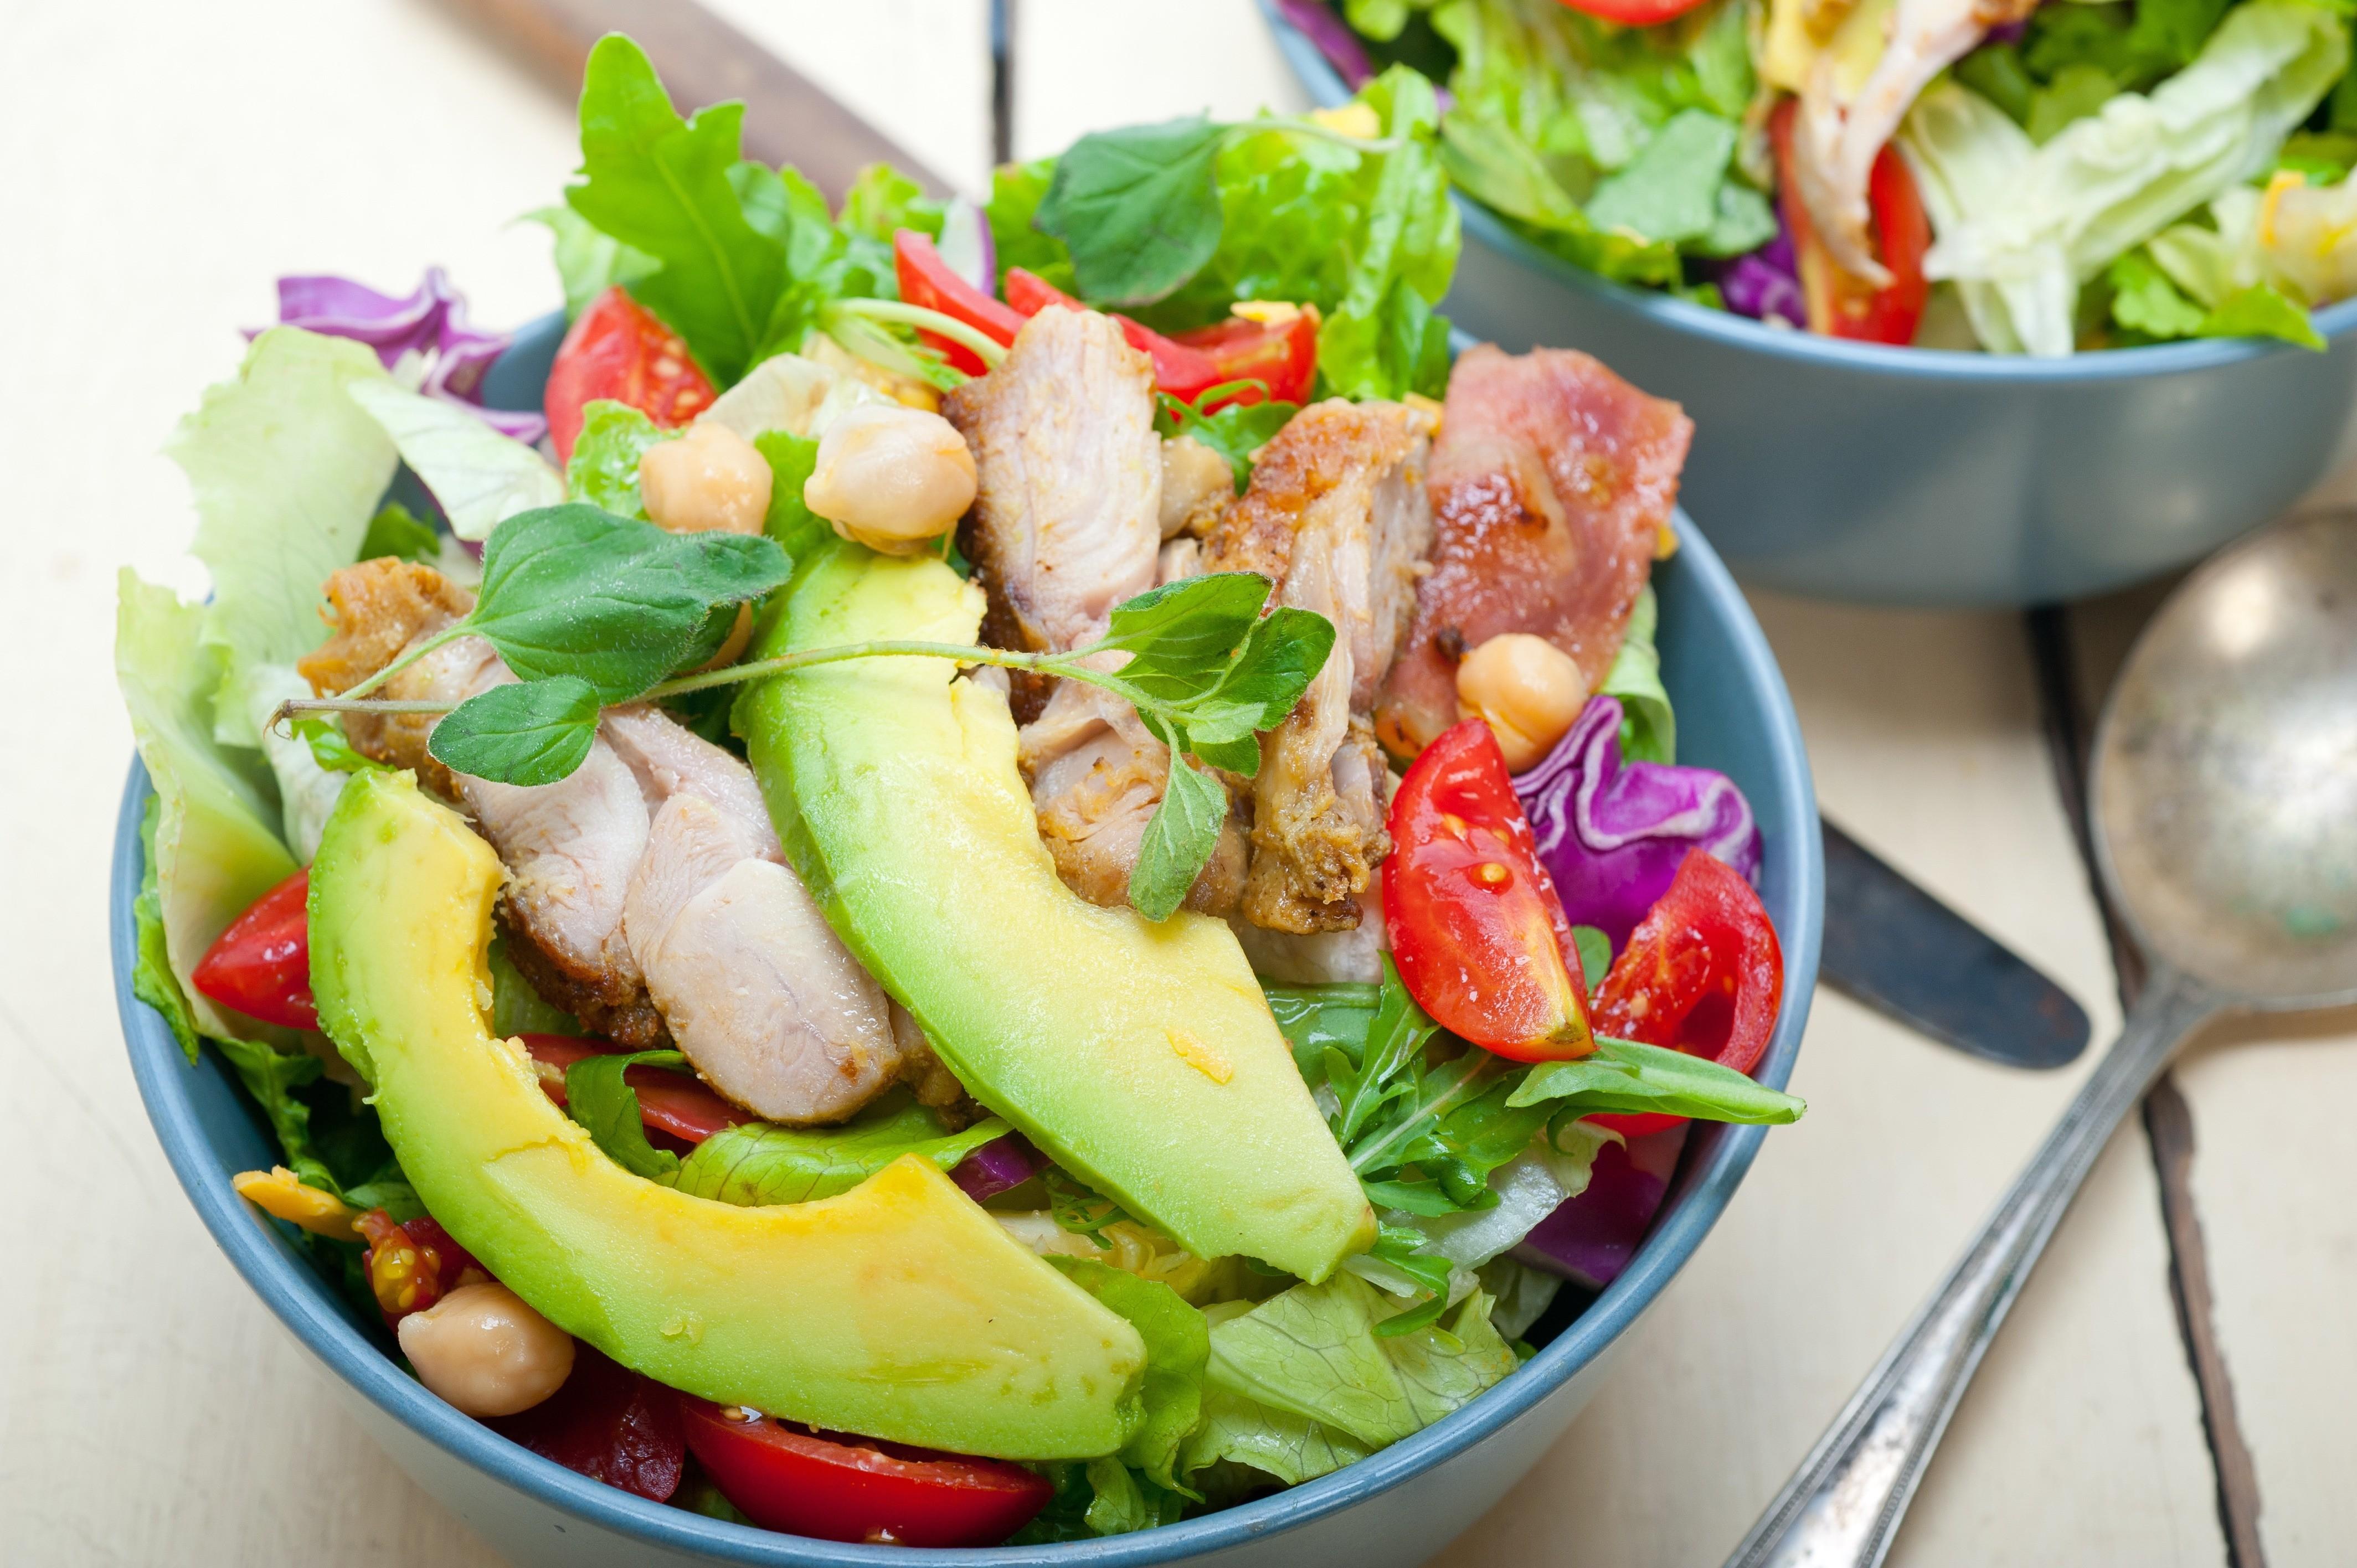 Вкусно и без заморочек: рецепт овощного салата с индейкой и цитрусовым соусом